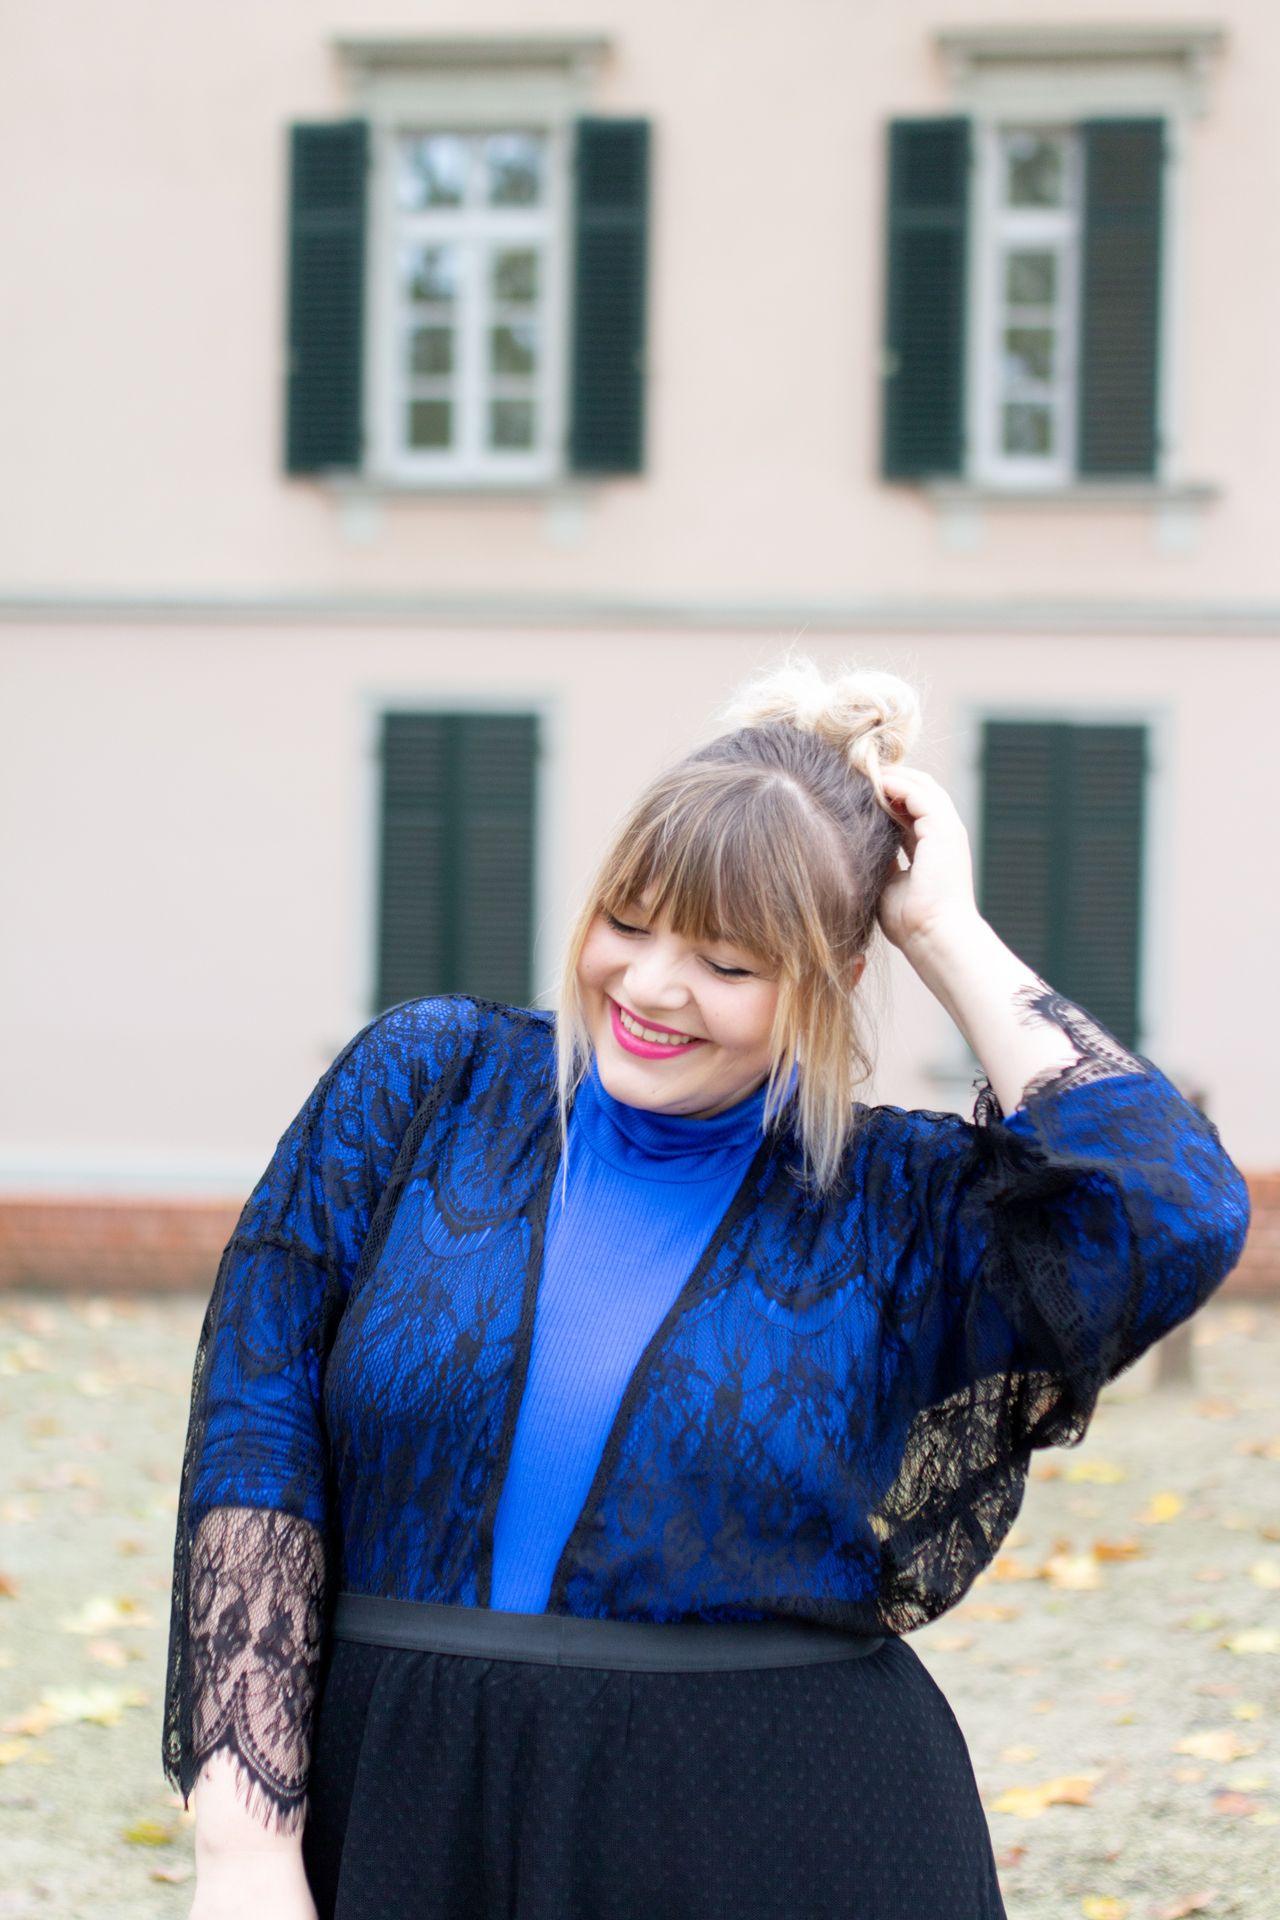 Plus Size Influencer Kollektion Von Ulla Popken